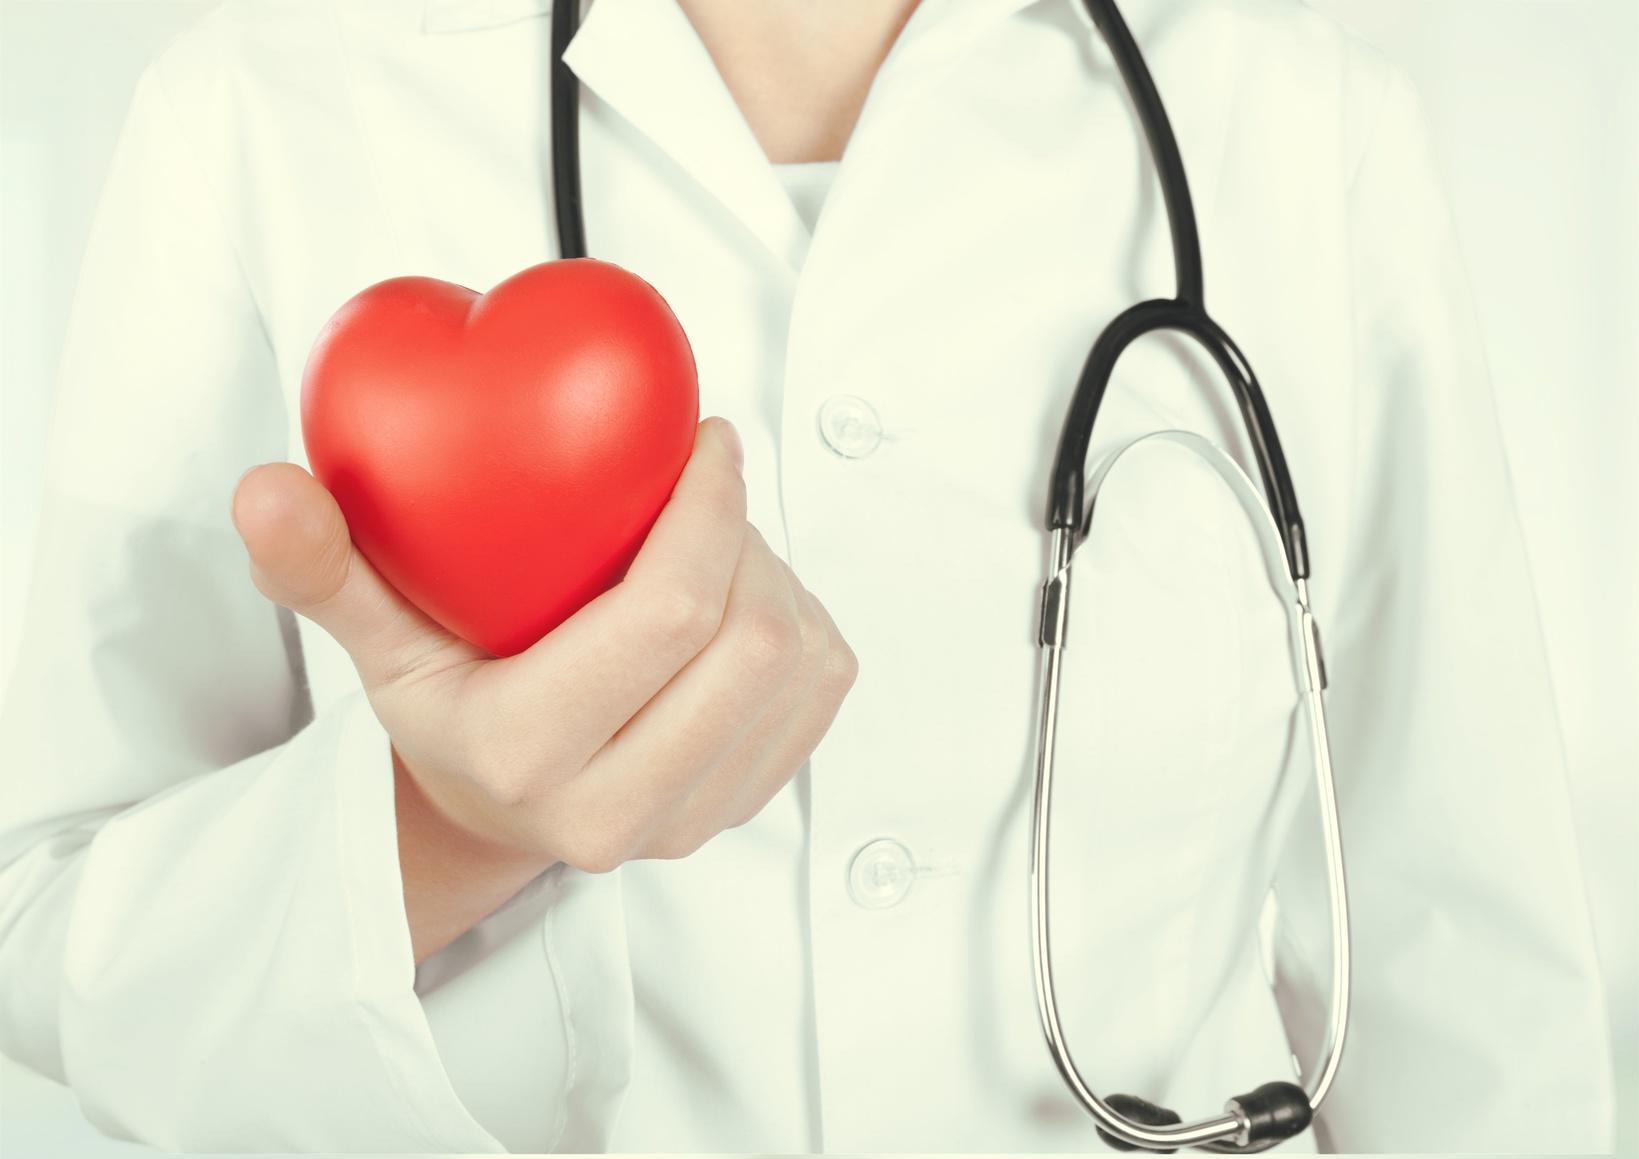 狭心症(心臓外科手術、心臓カテーテル手術)―知っておくべき治療法⑥